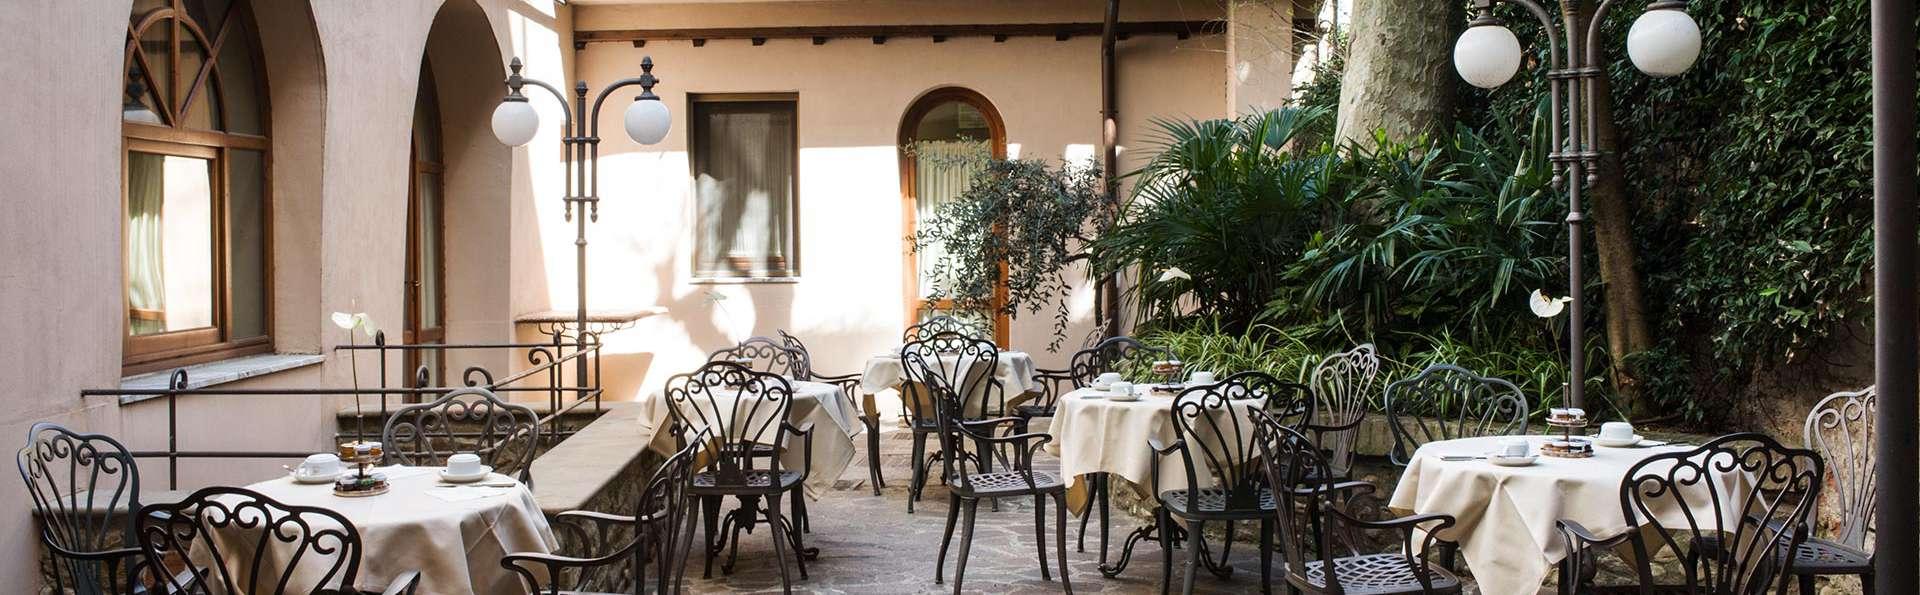 Hotel Adler Cavalieri - EDIT_terrace.jpg